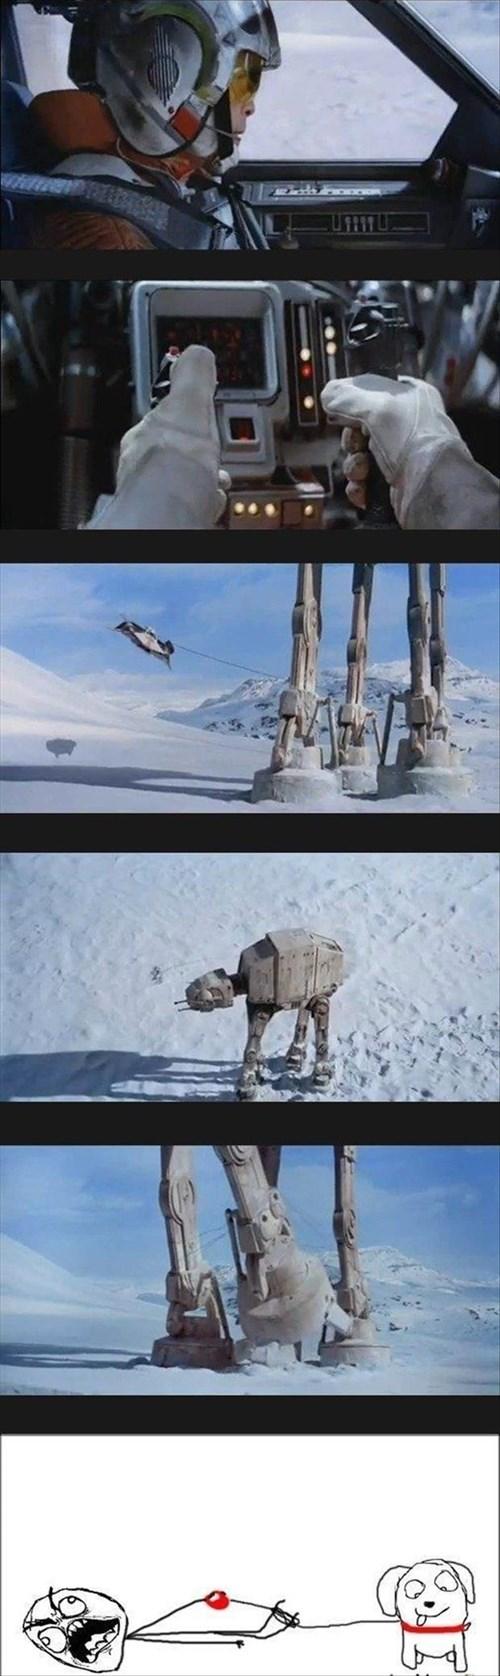 walkers star wars luke skywalker Empire Strikes Back - 8036023552